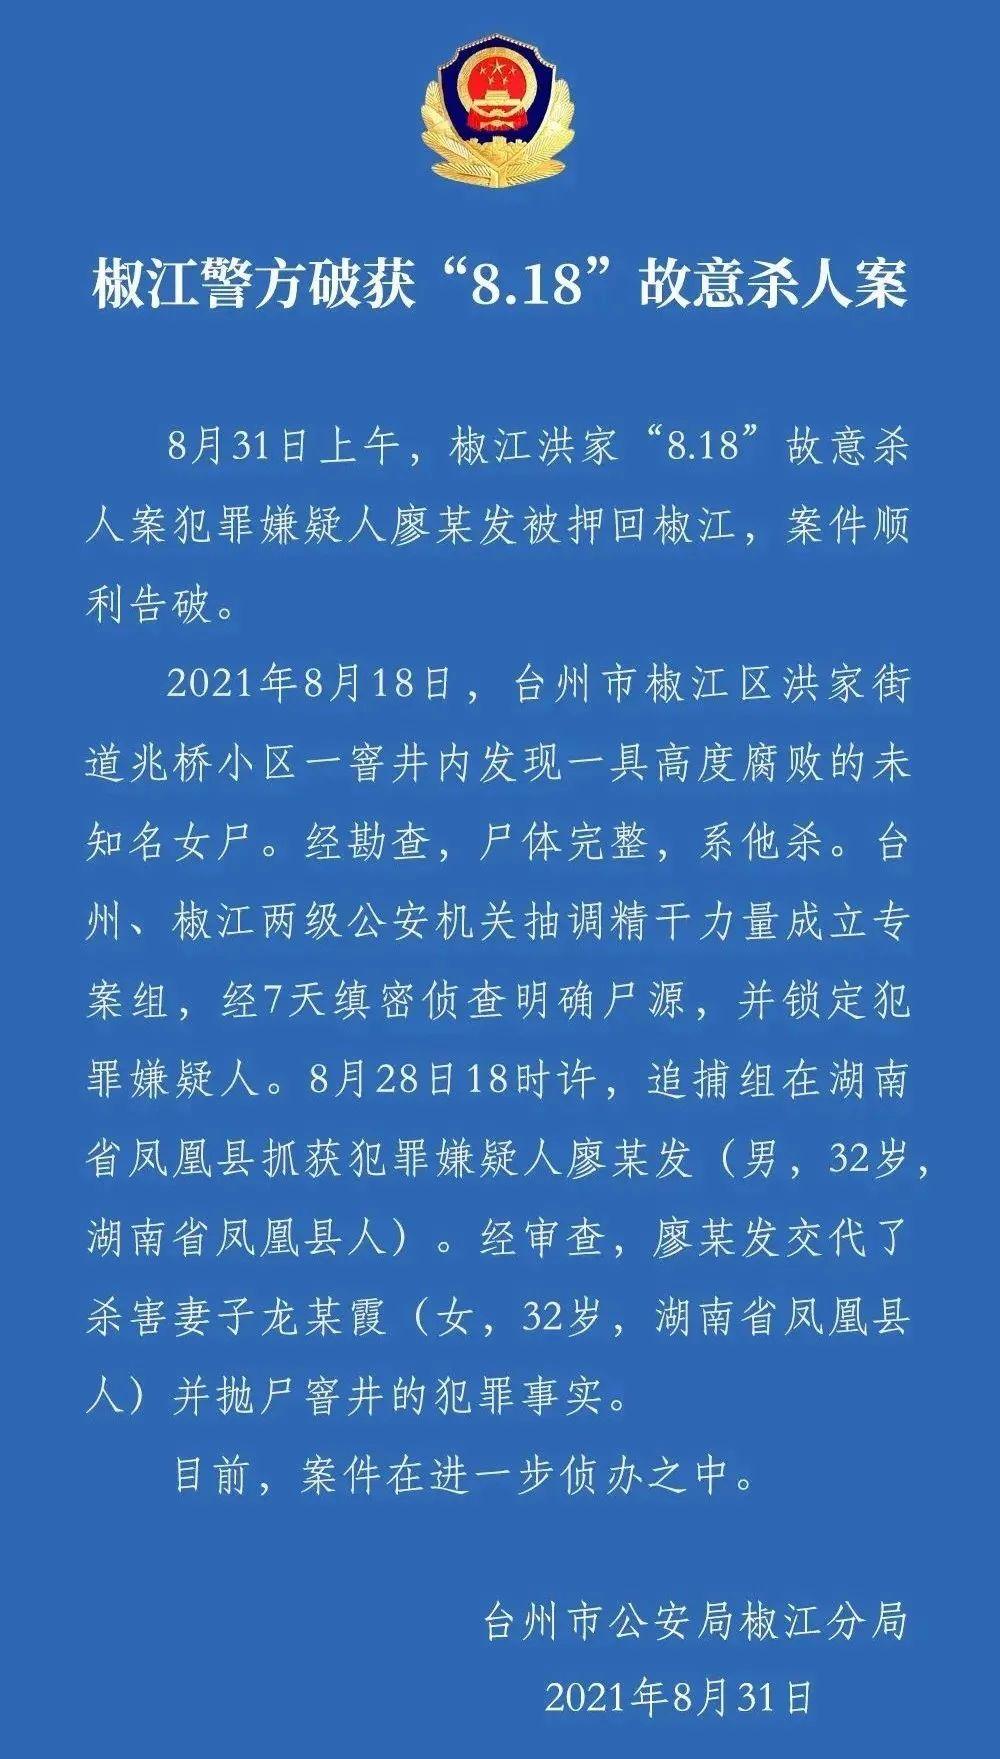 台州无名女尸案告破细节回放丈夫杀妻抛尸动机不纯!